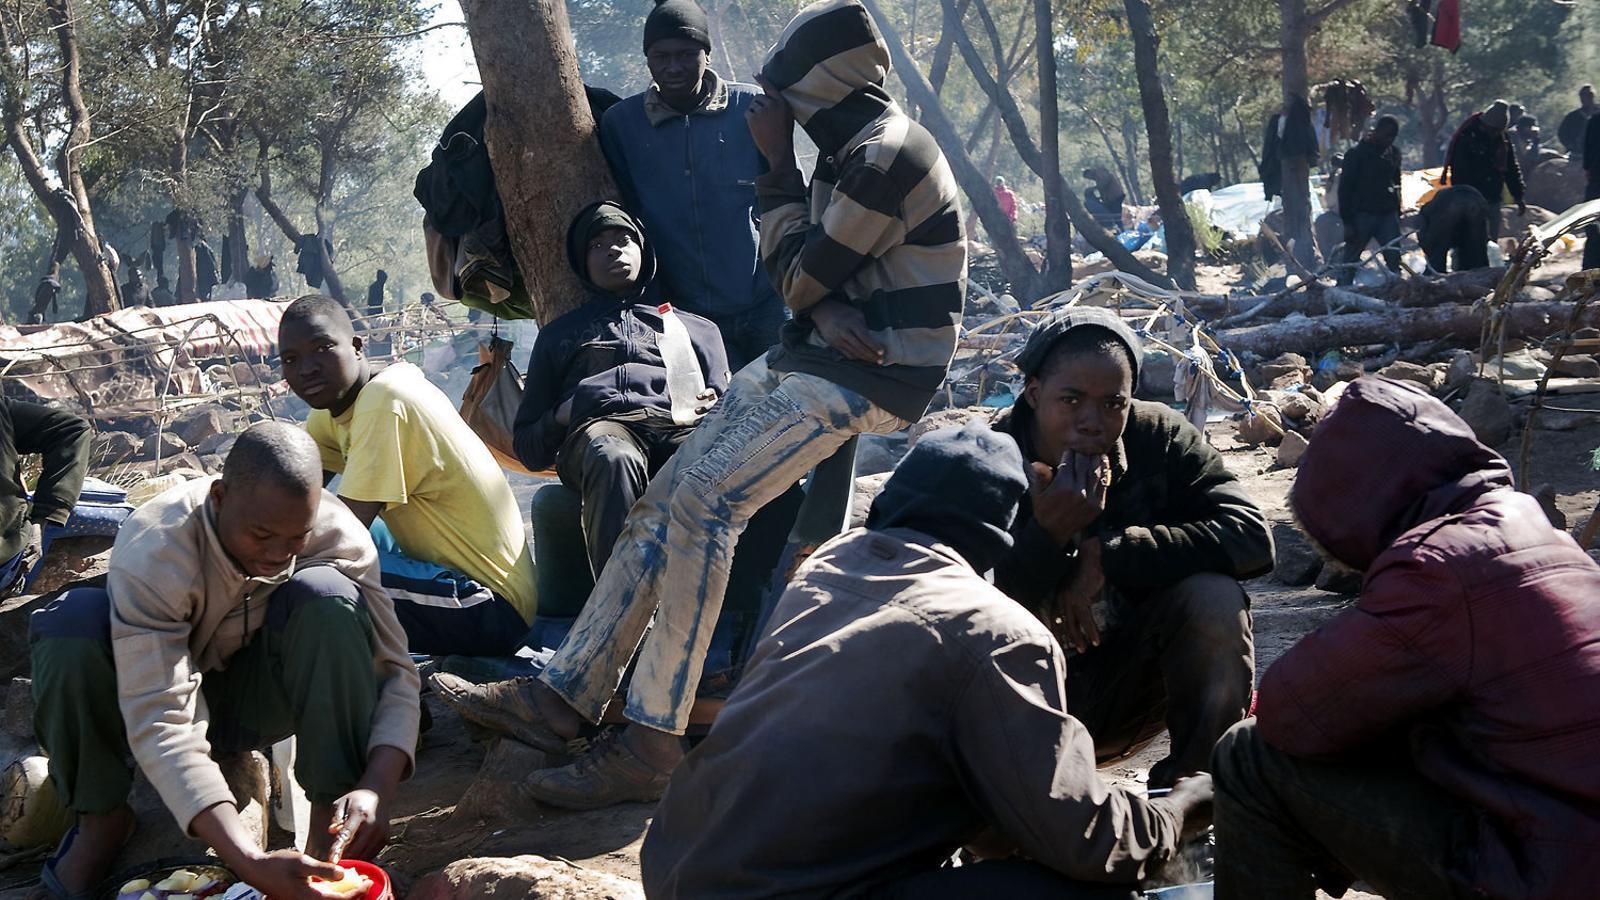 REFUGIADOS-UE II - Página 3 Oxfam-Espanya-reagrupament-familiar-refugiats_1817228286_42385693_651x366